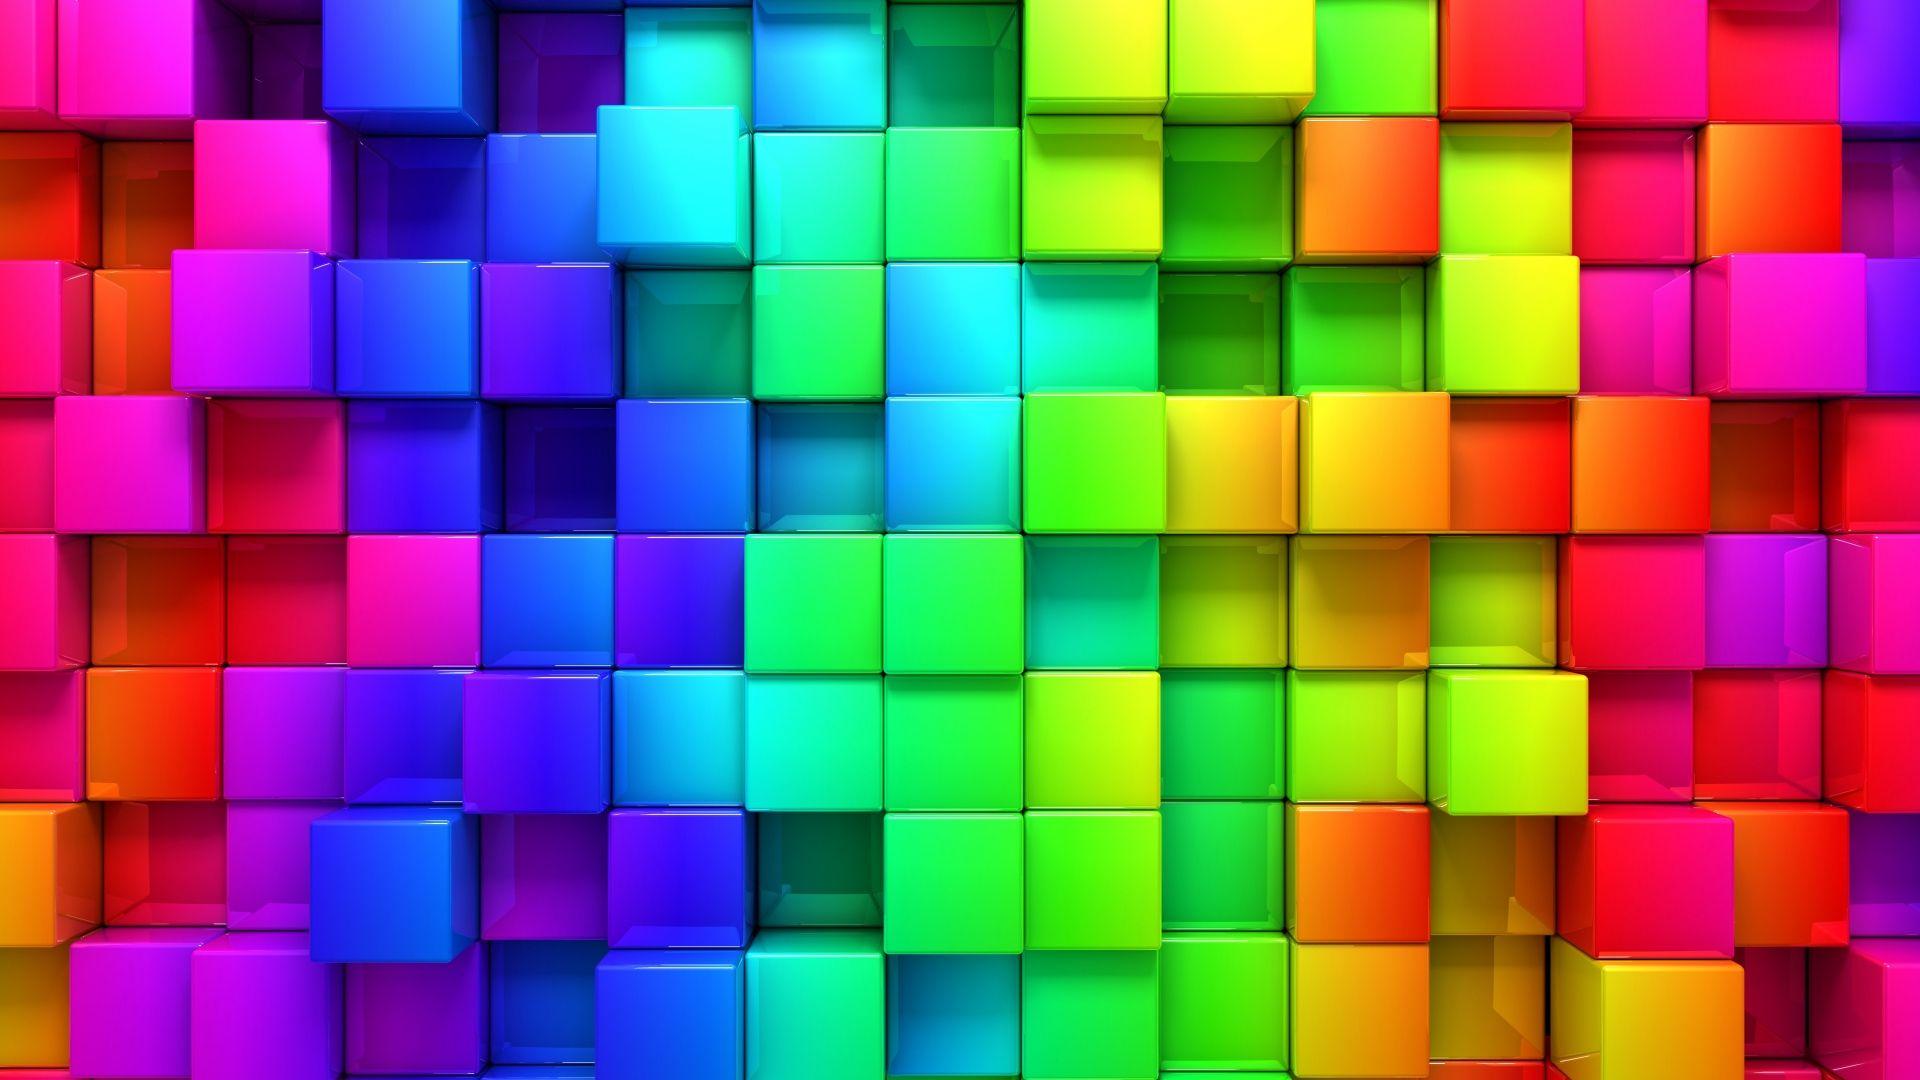 نتيجة بحث الصور عن 3d Wallpaper Hd 1920x1080 Rainbow